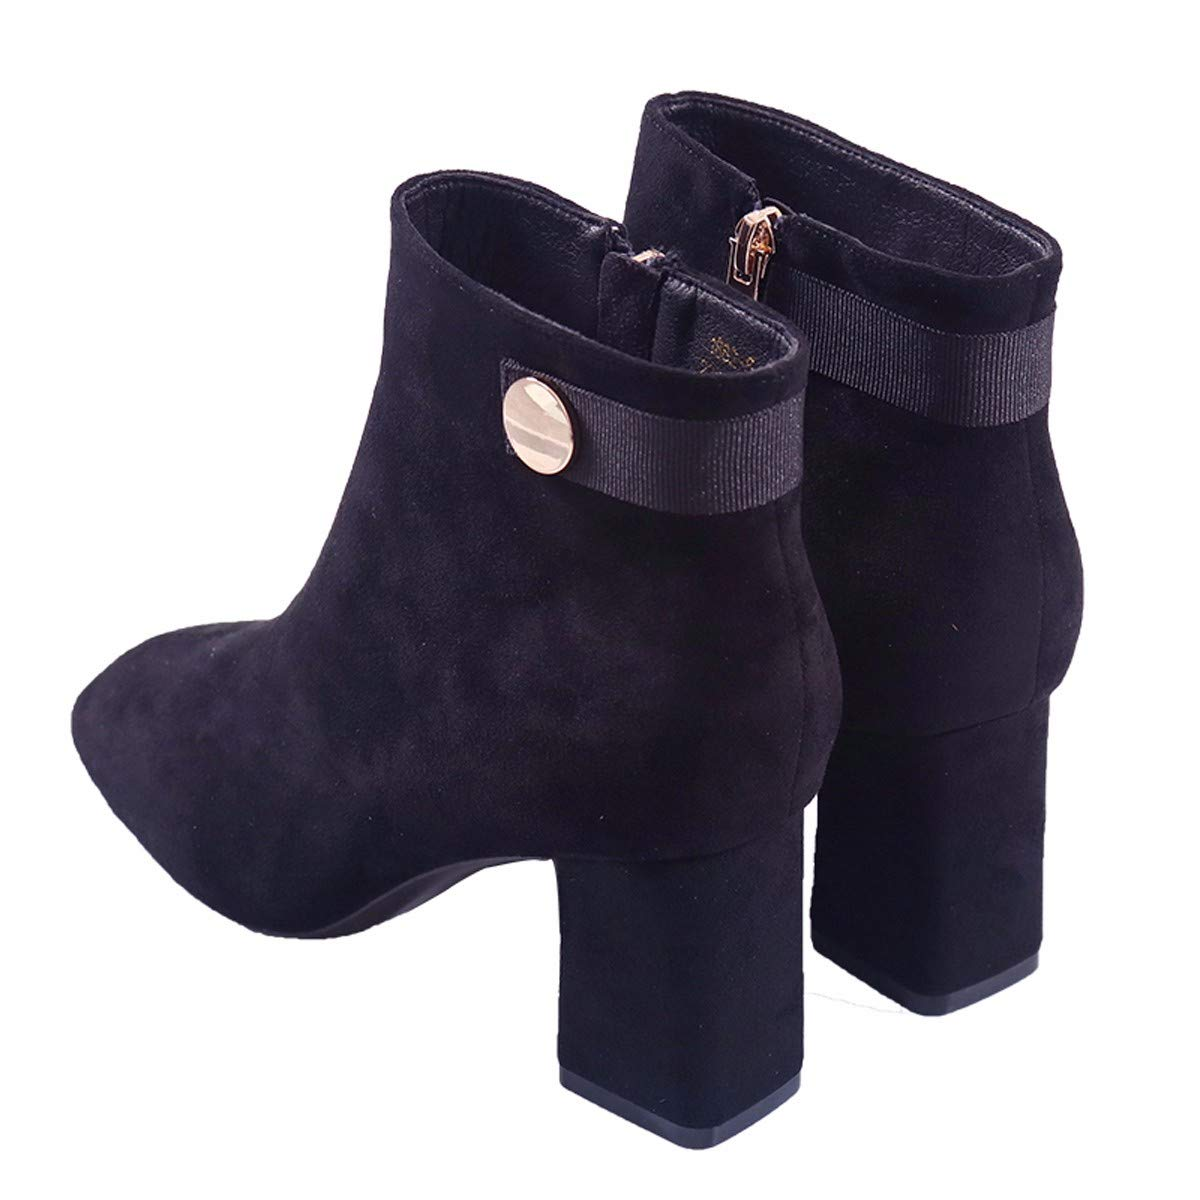 Olici Damen Stiefel Stiefel Stiefel Stiefel Stiefel Stiefel Stiefel mit dickem Absatz   7 cm Wildleder, quadratischer Kopf, seitlicher Reißverschluss, Schwarz d126c2